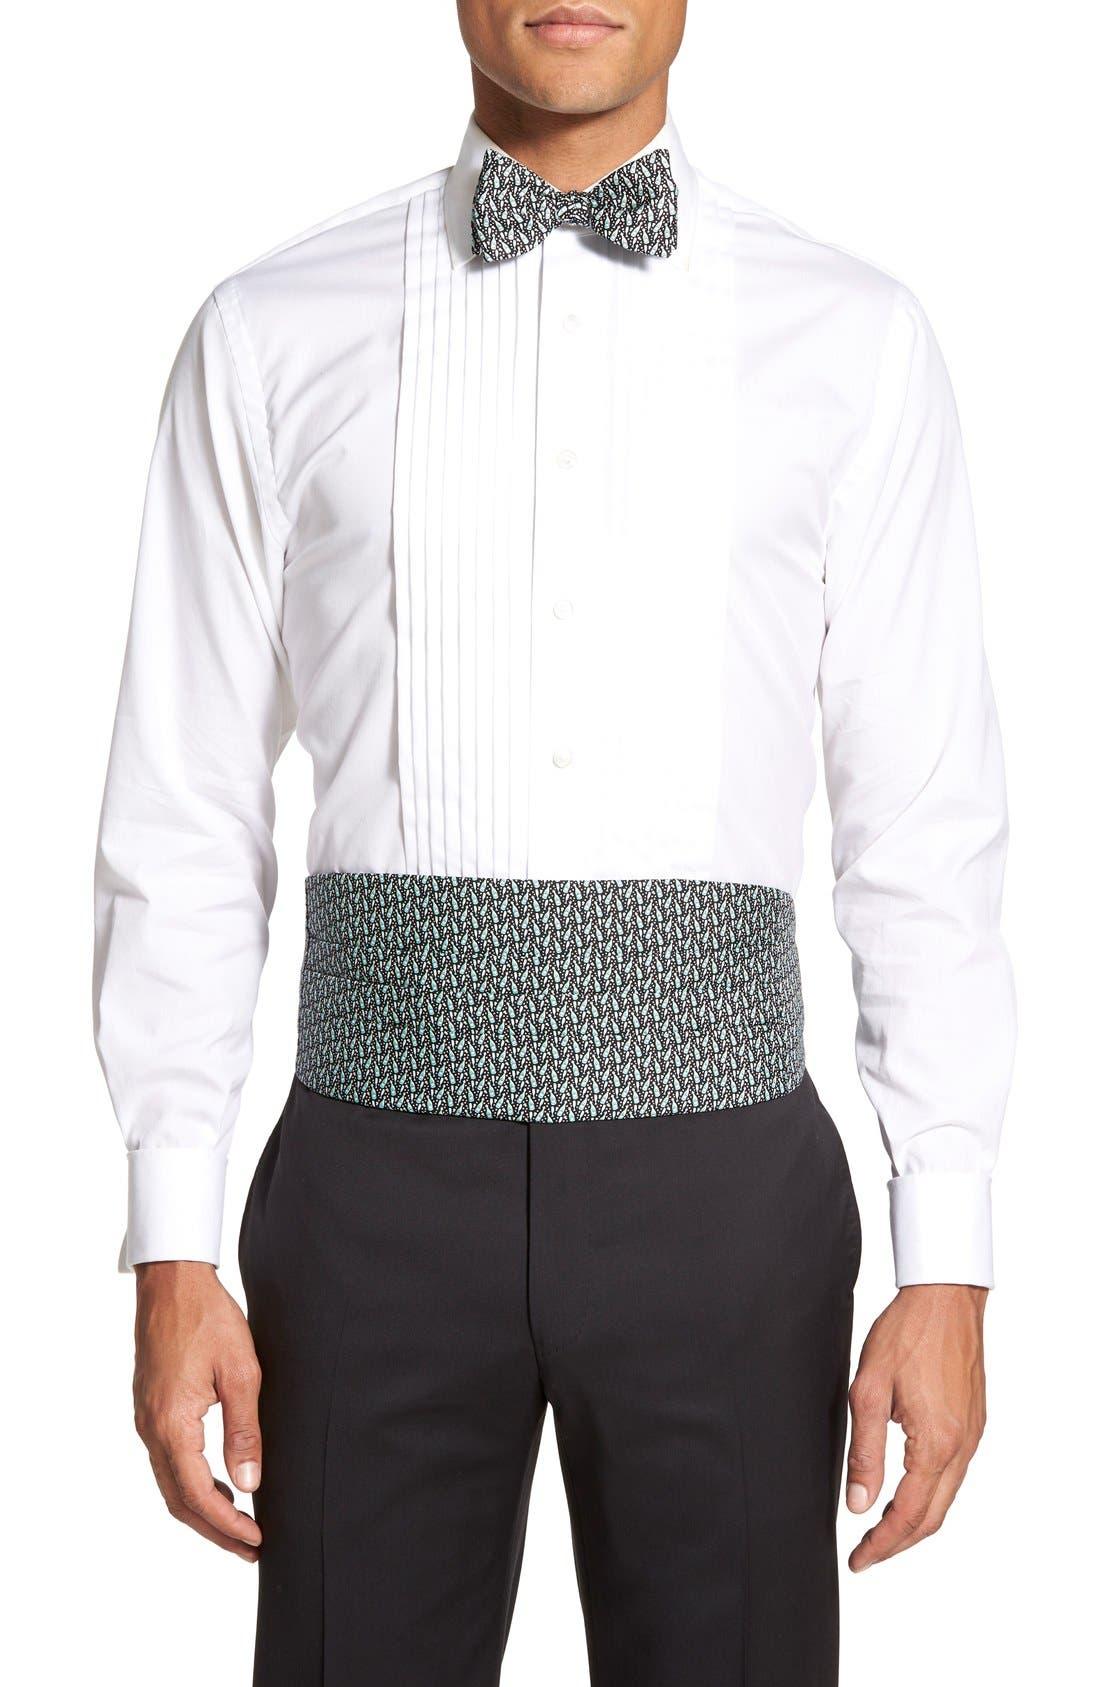 Vineyard Vines 'Champagne' Cummerbund & Self-Tie Bow Tie